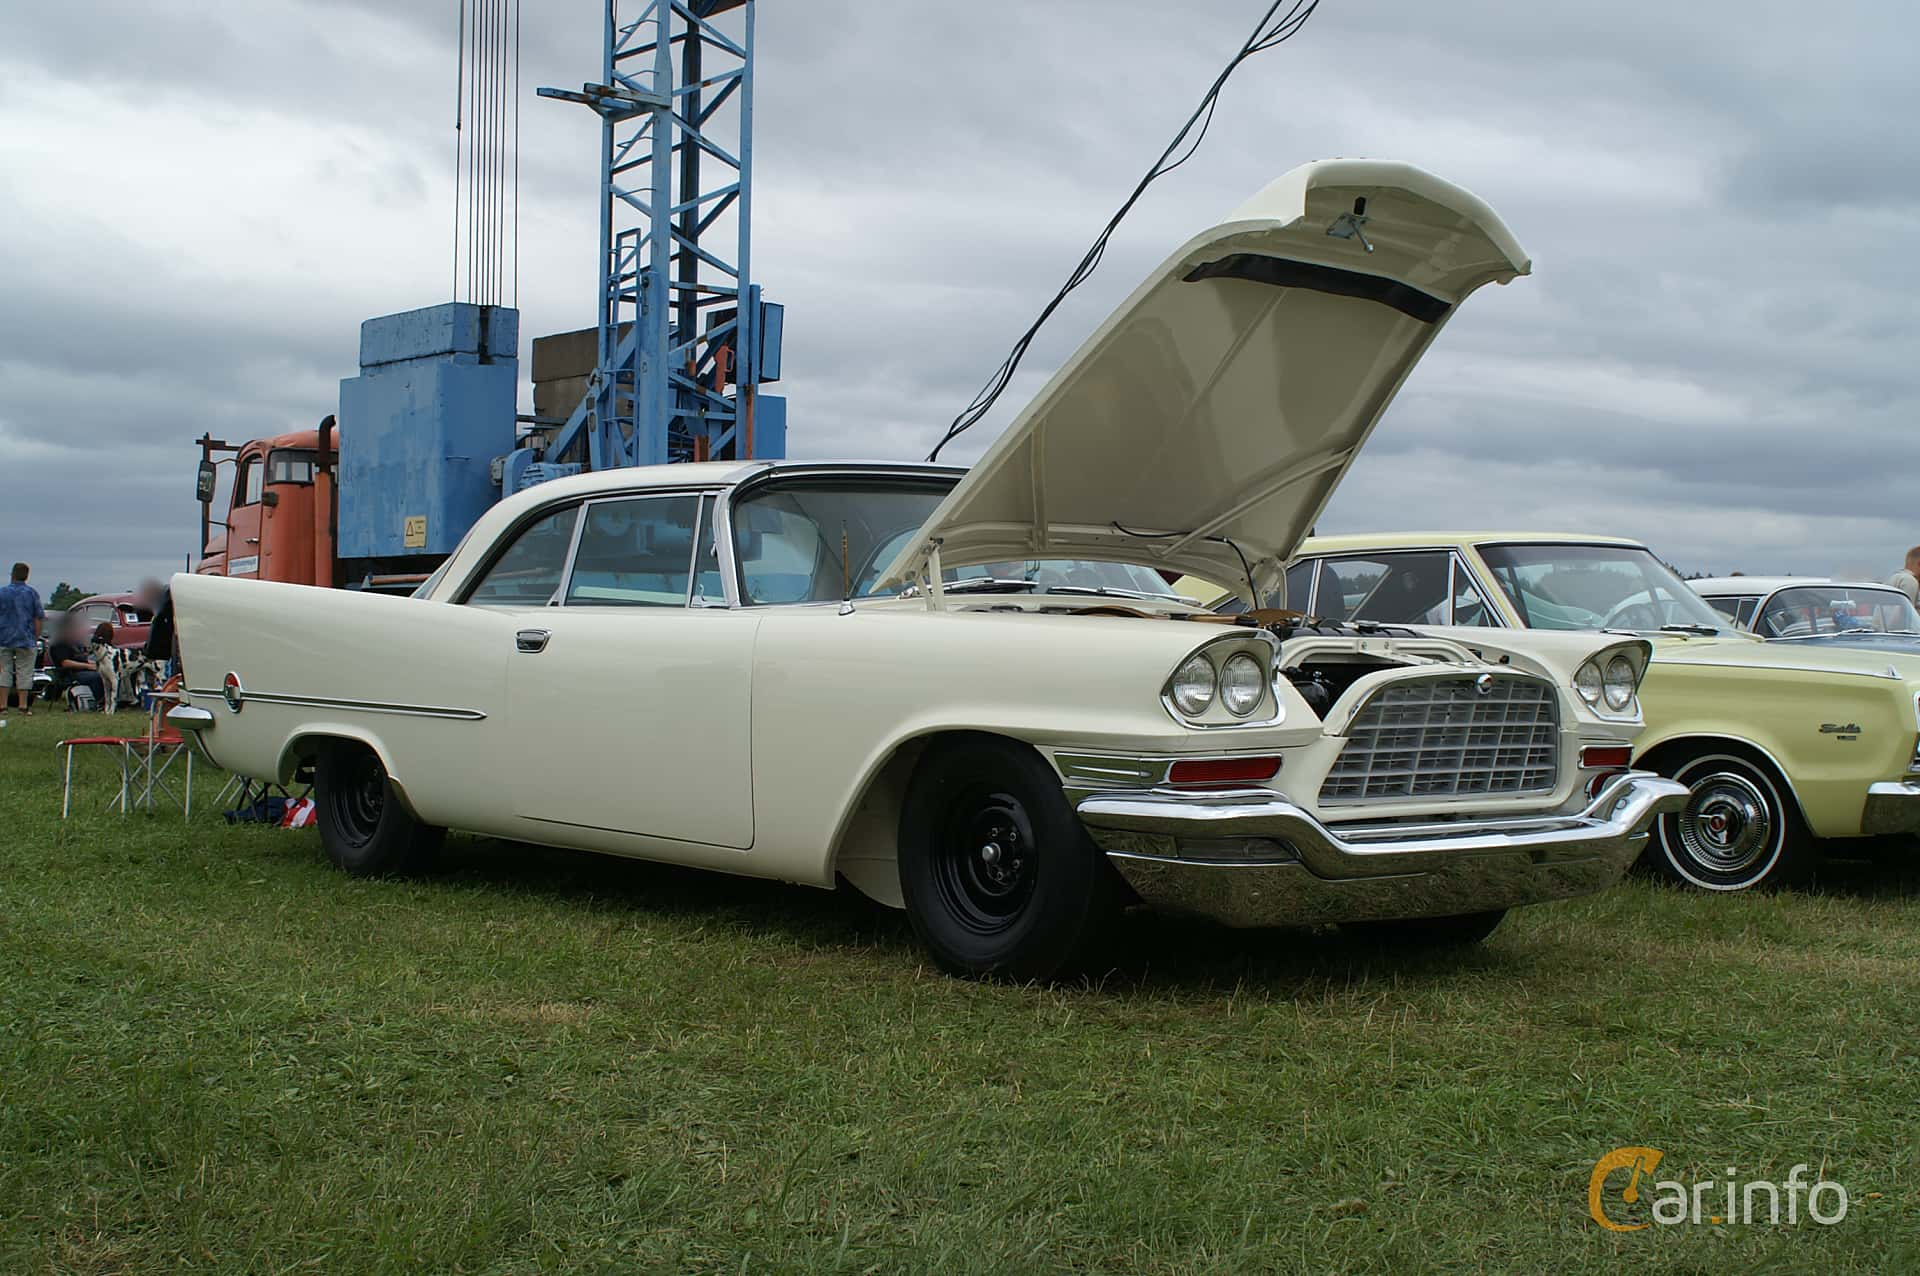 Chrysler 300C Hardtop 6.4 V8 TorqueFlite, 396hp, 1957